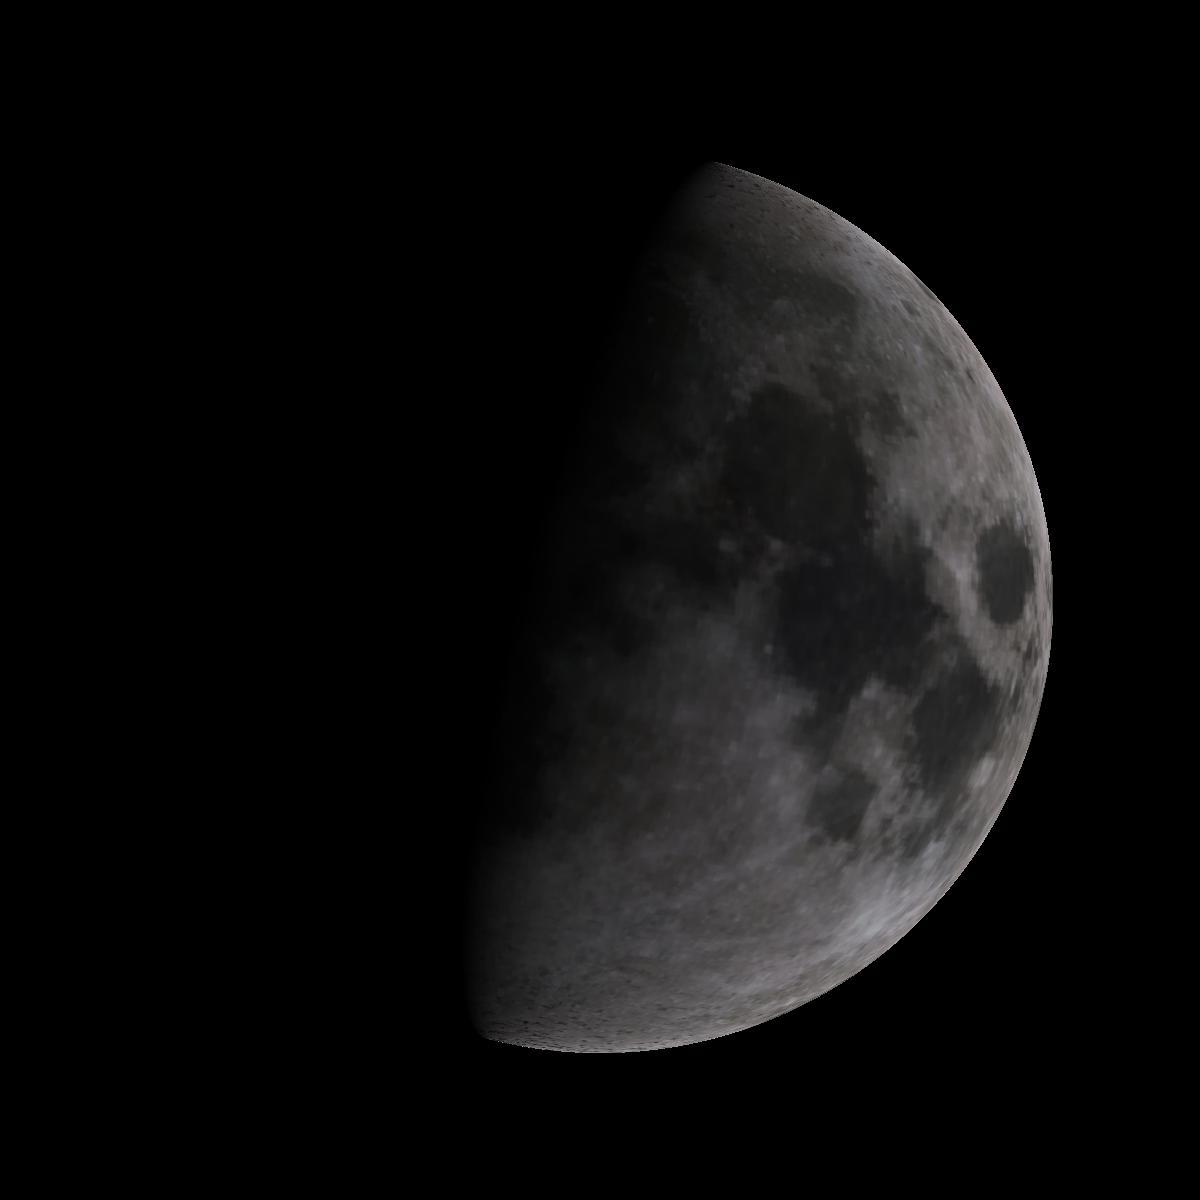 Lune du 3 février 2020